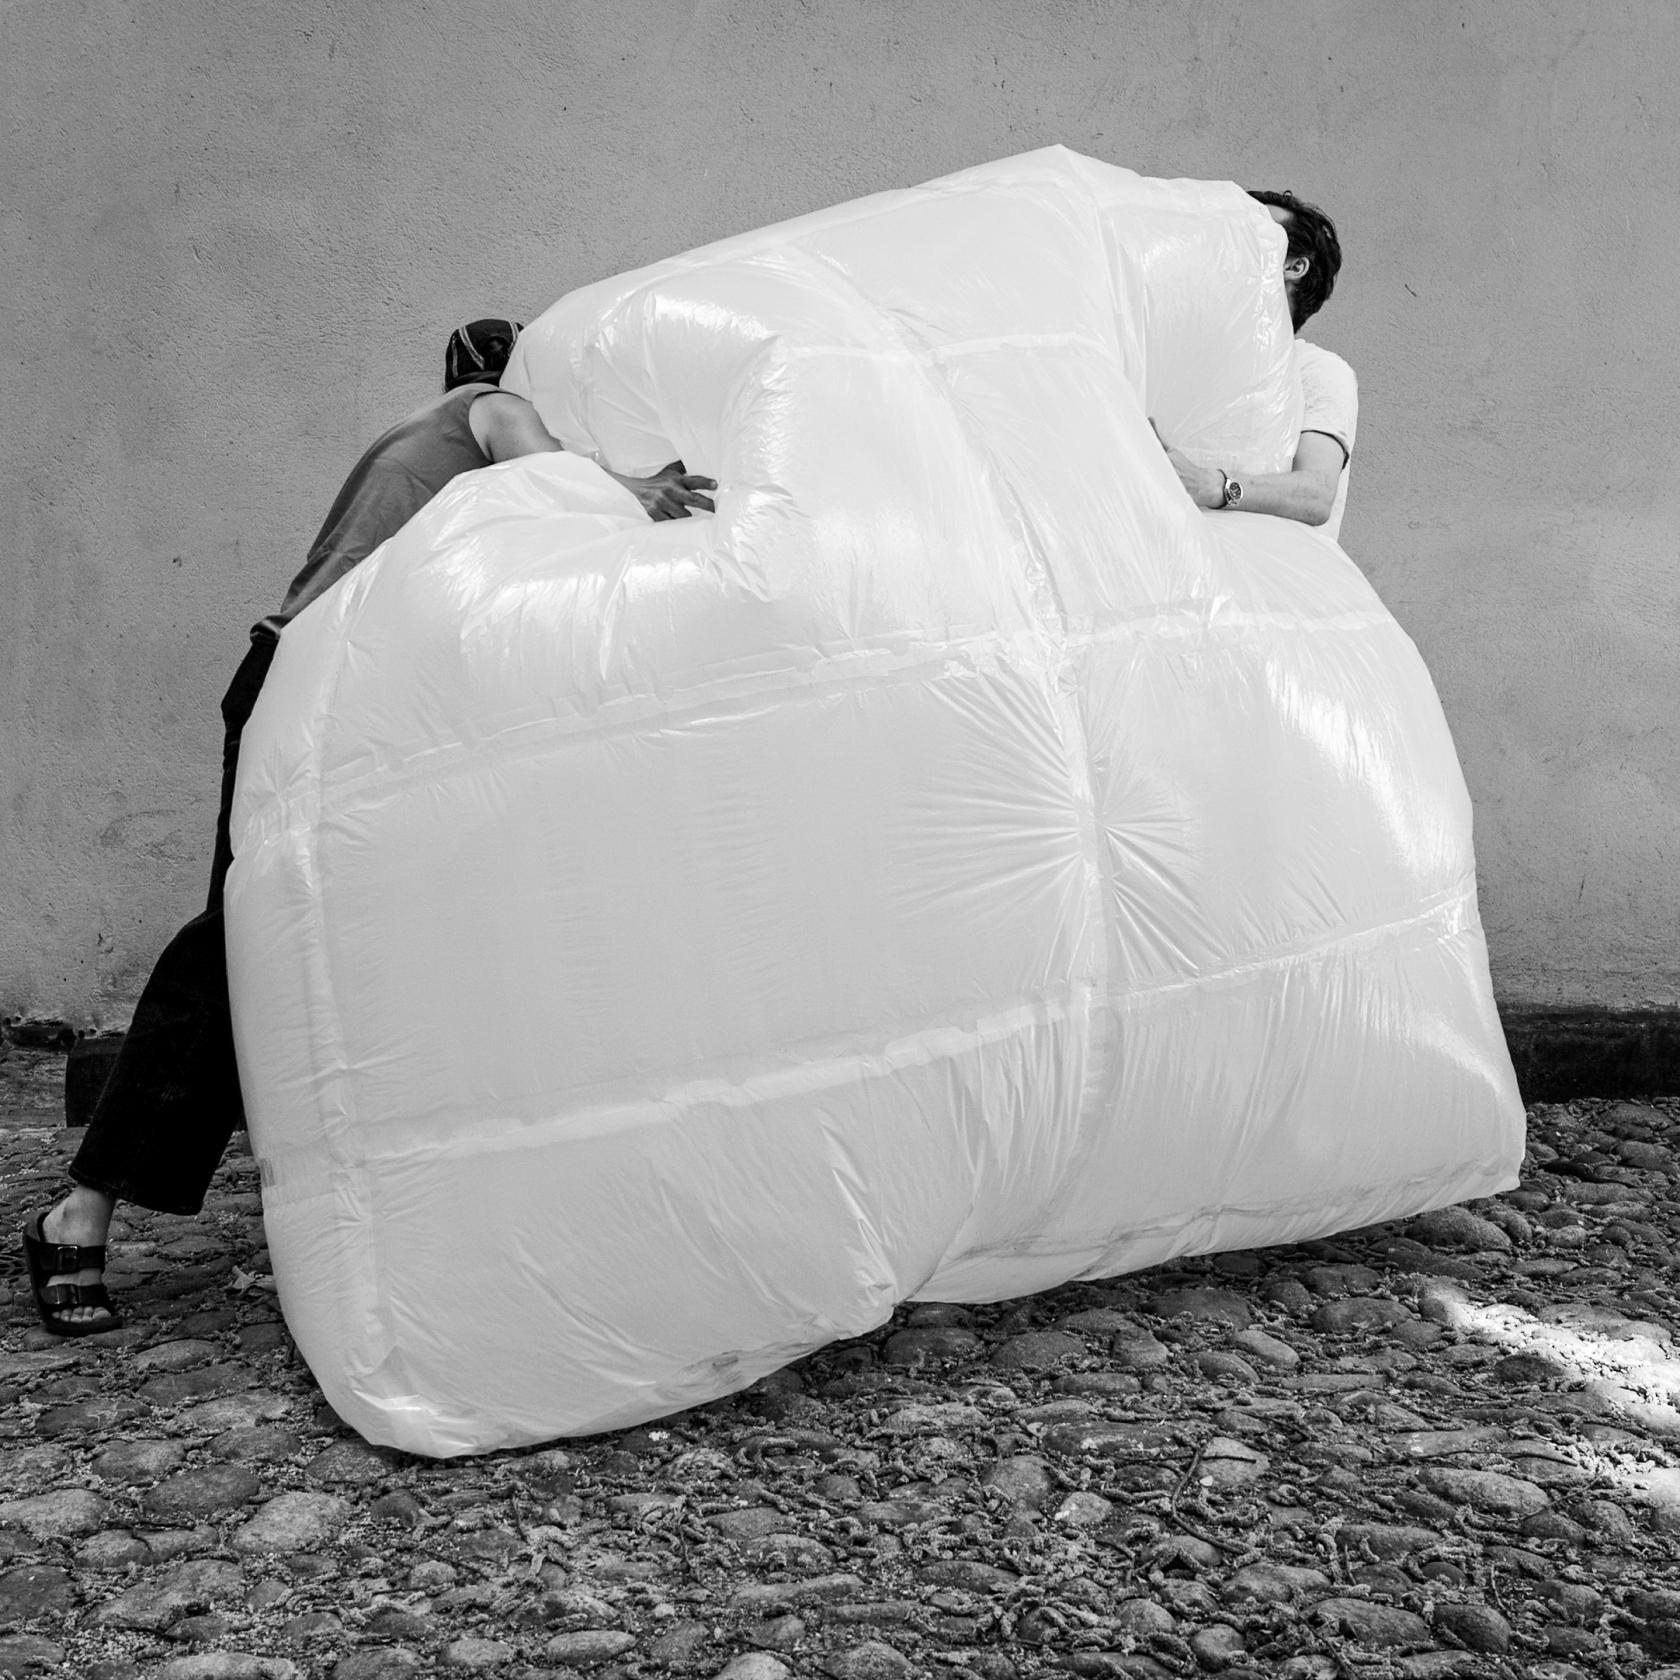 Hug-Airbag_001